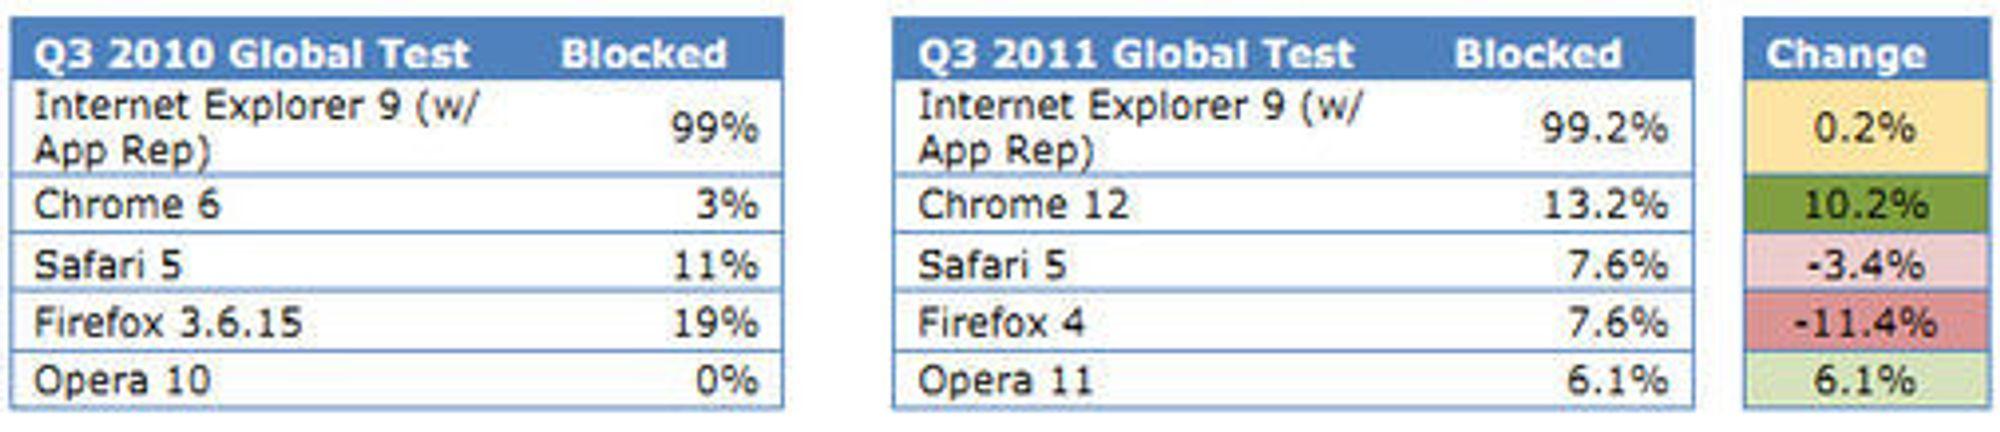 Resultatene fra testene i tredje kvartal i 2010 og tredje kvartal i 2011.